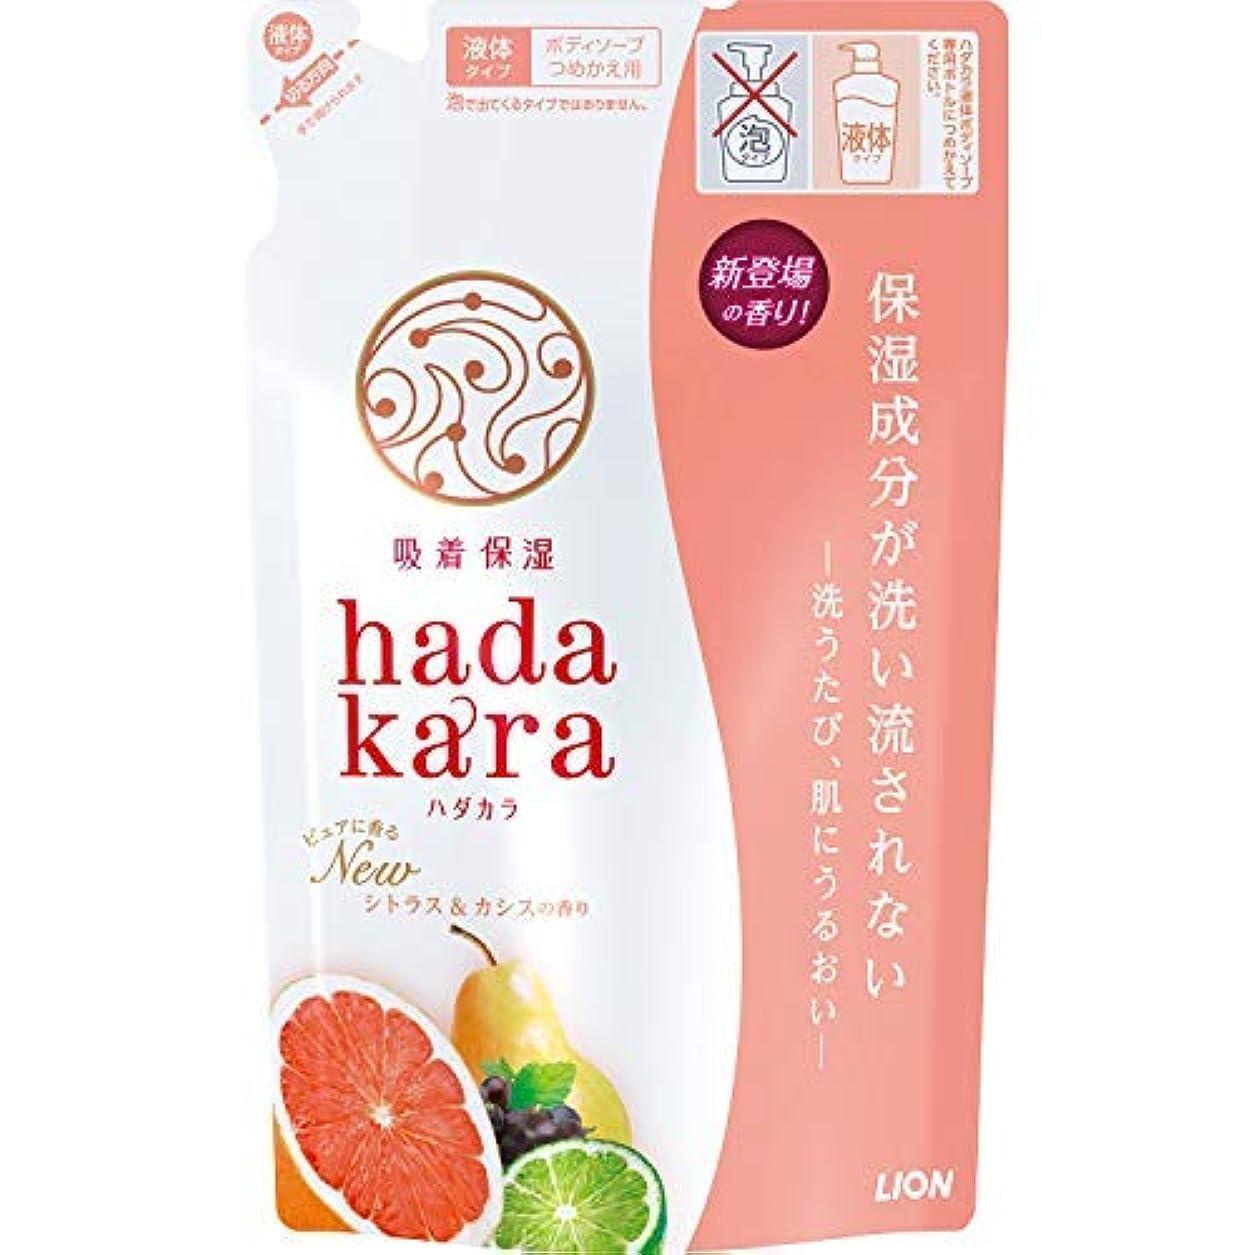 リード相対的パスポートhadakara(ハダカラ)ボディソープ シトラス&カシスの香り 詰替え用 360ml × 16個セット